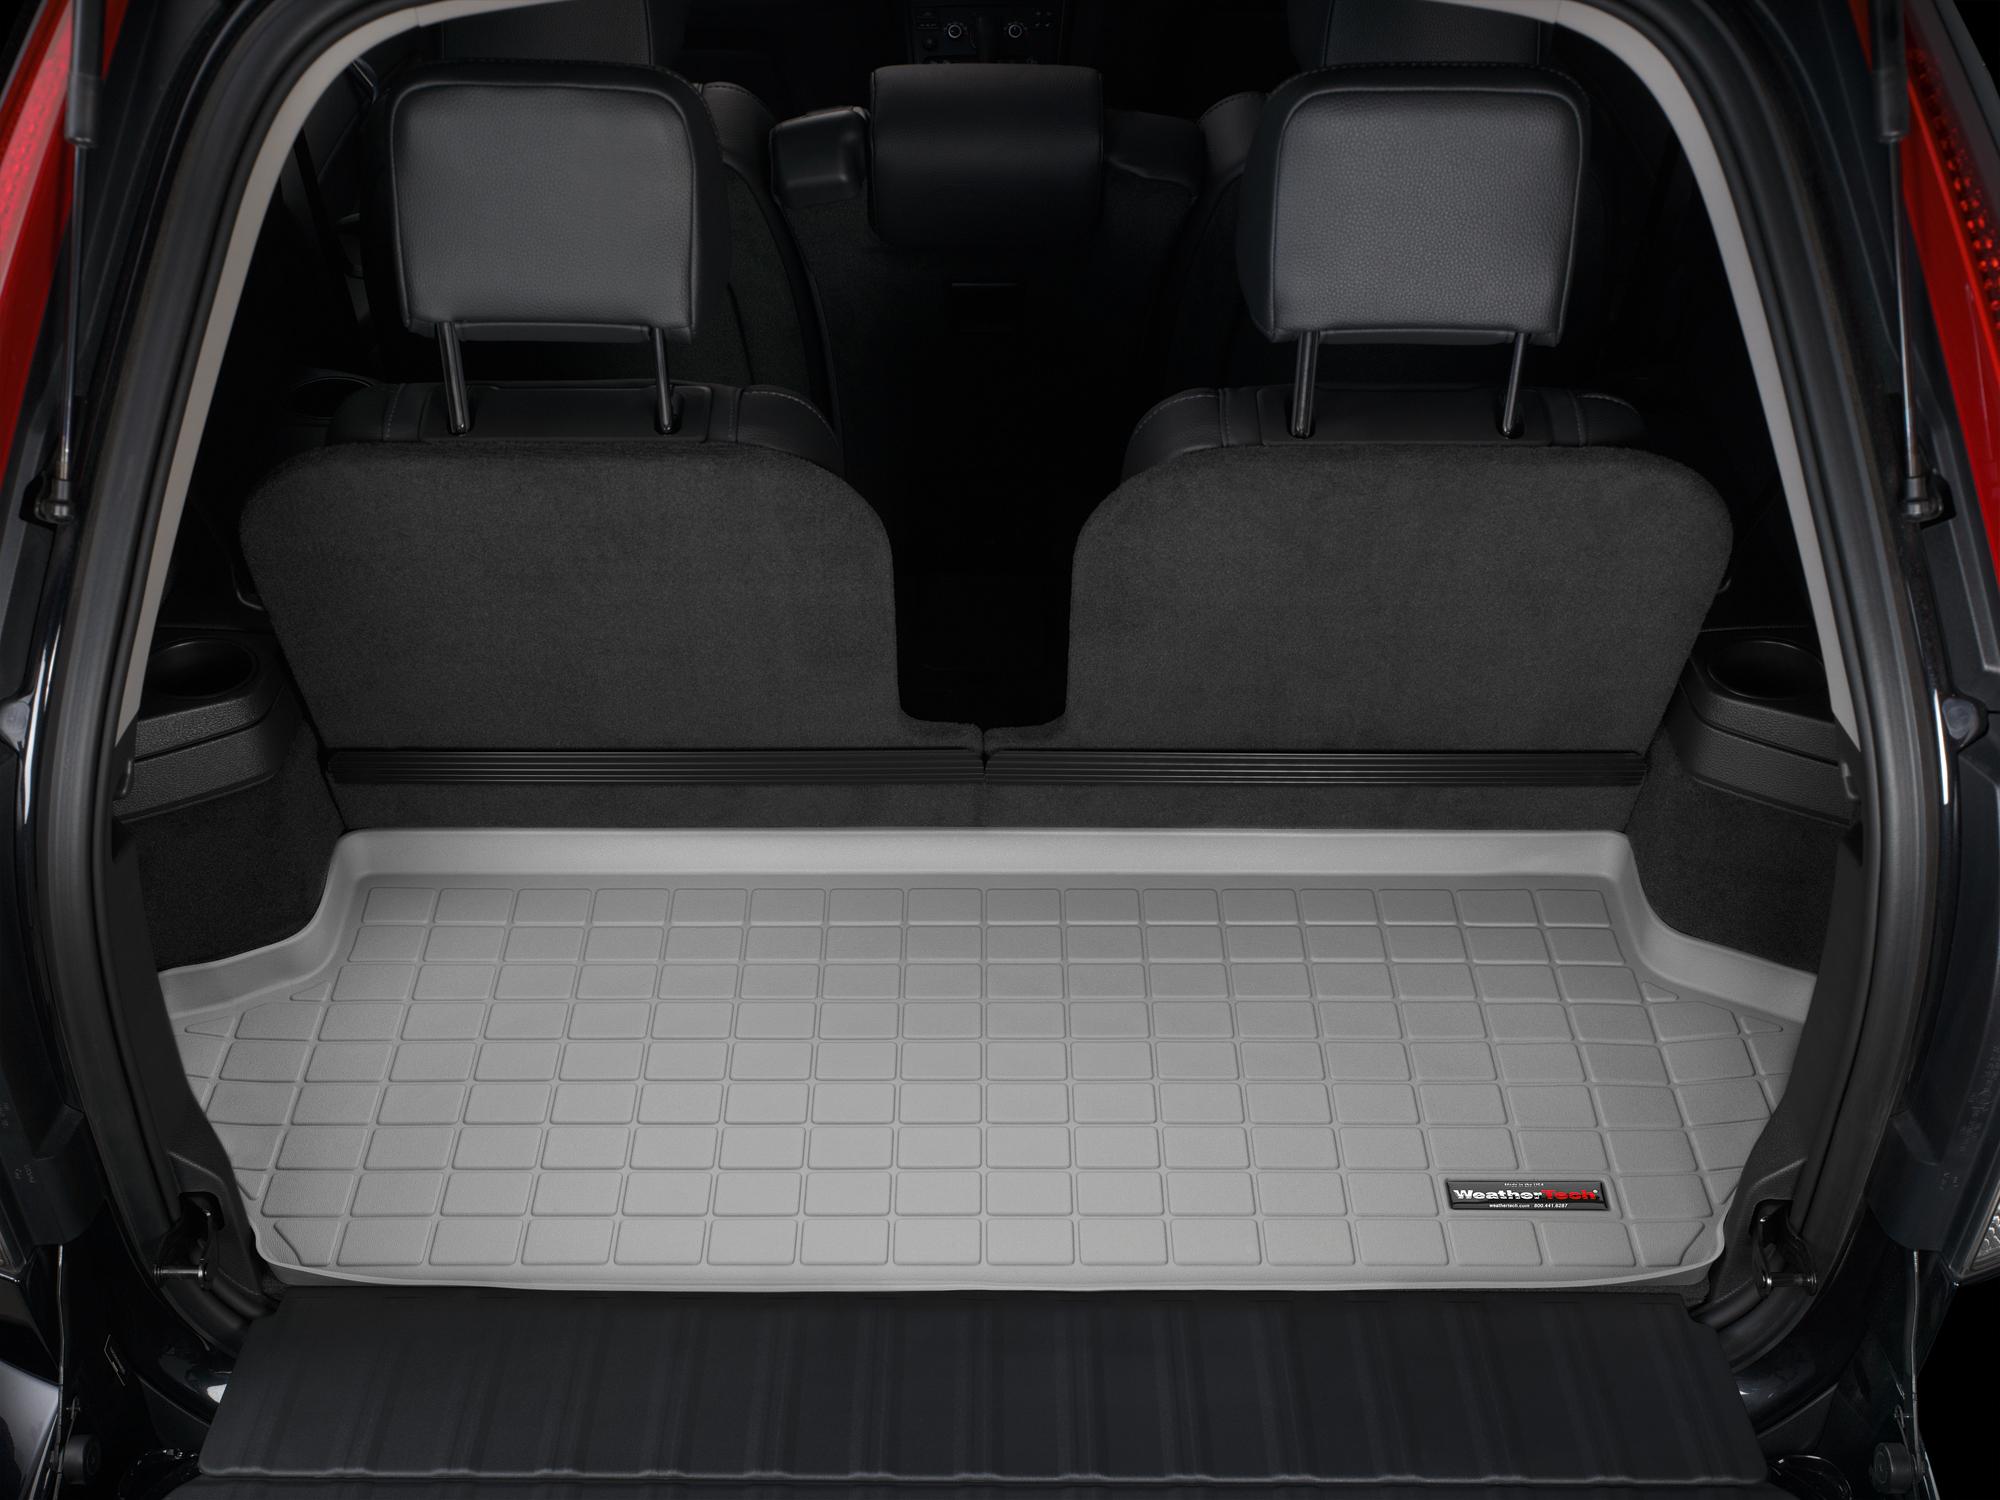 Volvo XC90 2003>2014 Vasca baule bagagliaio grigio *1509*